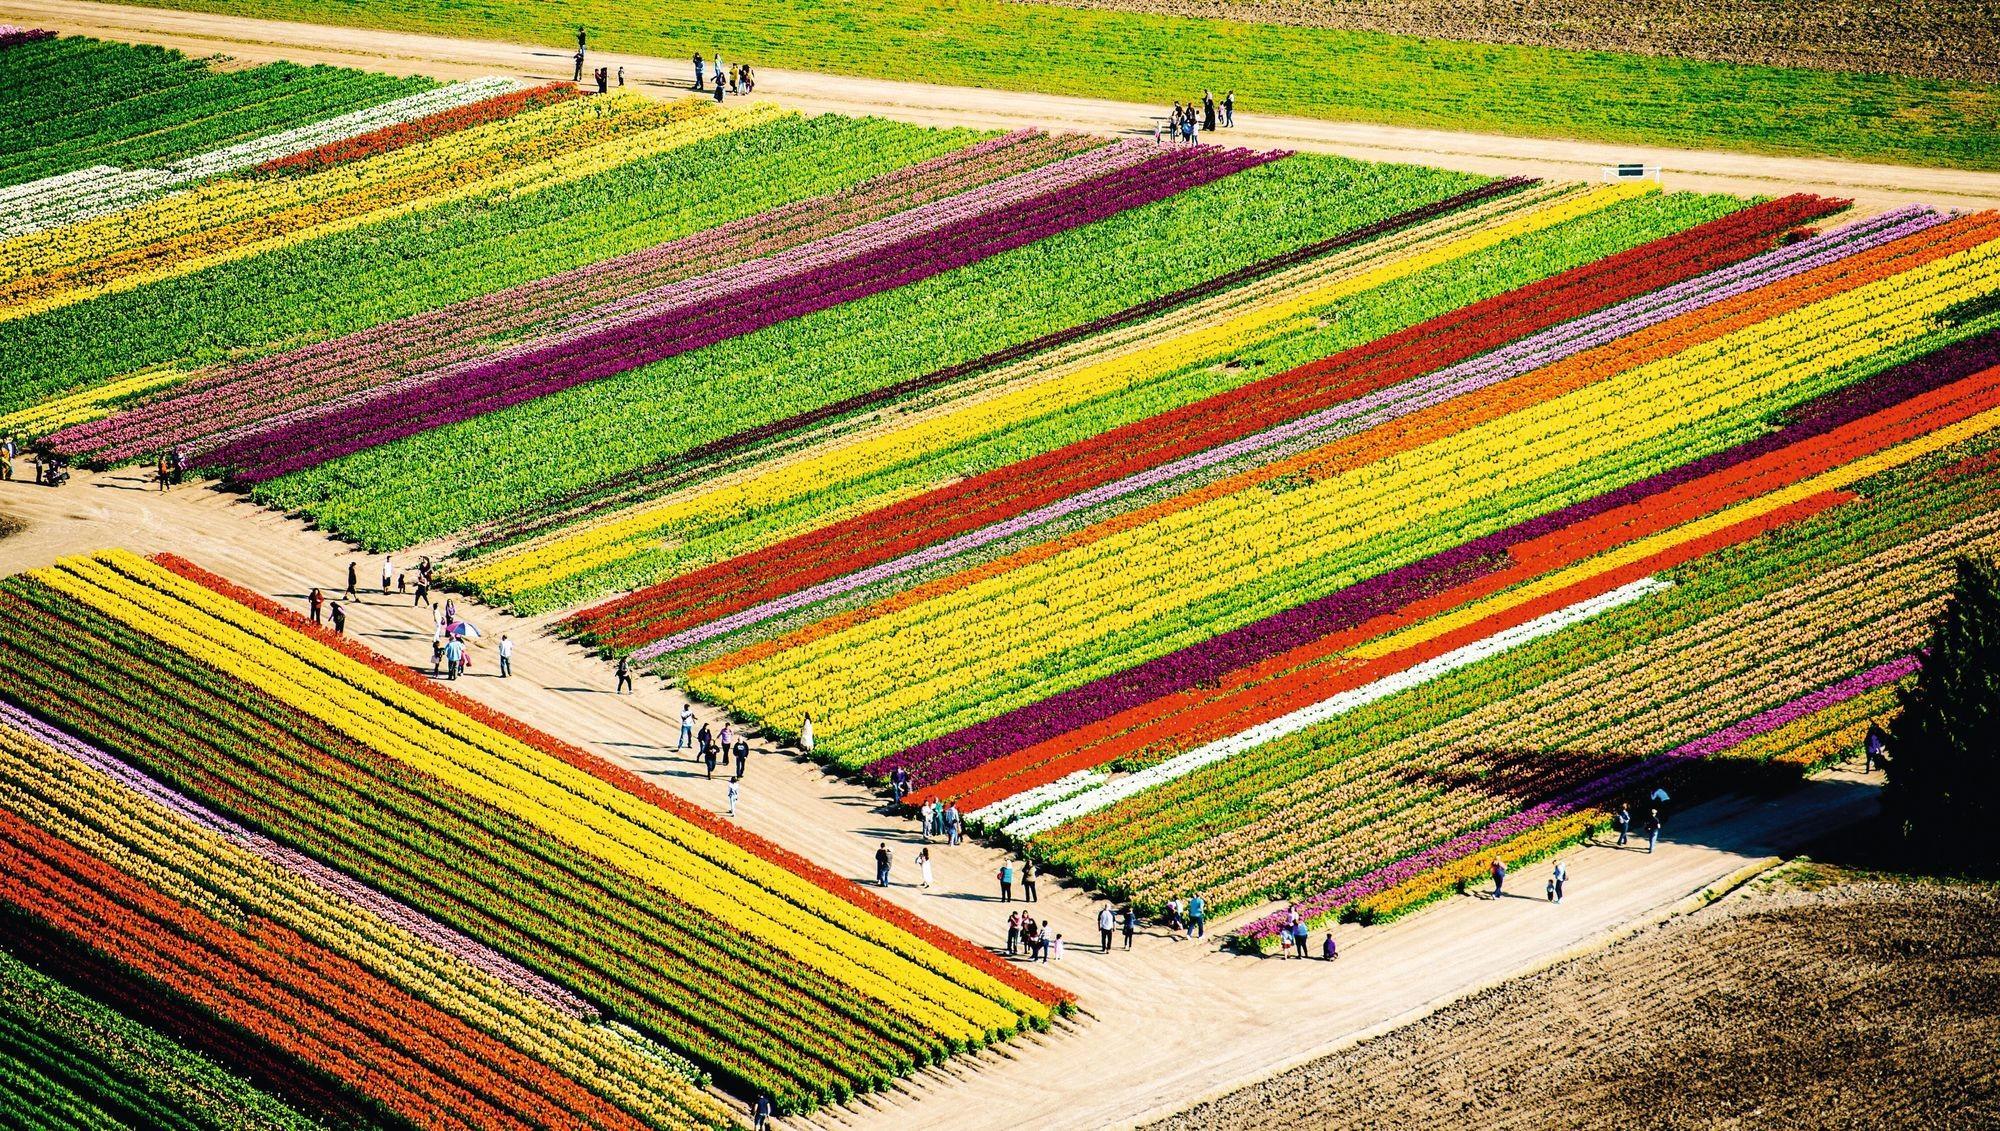 Un champ de tulipes au Pays-Bas.